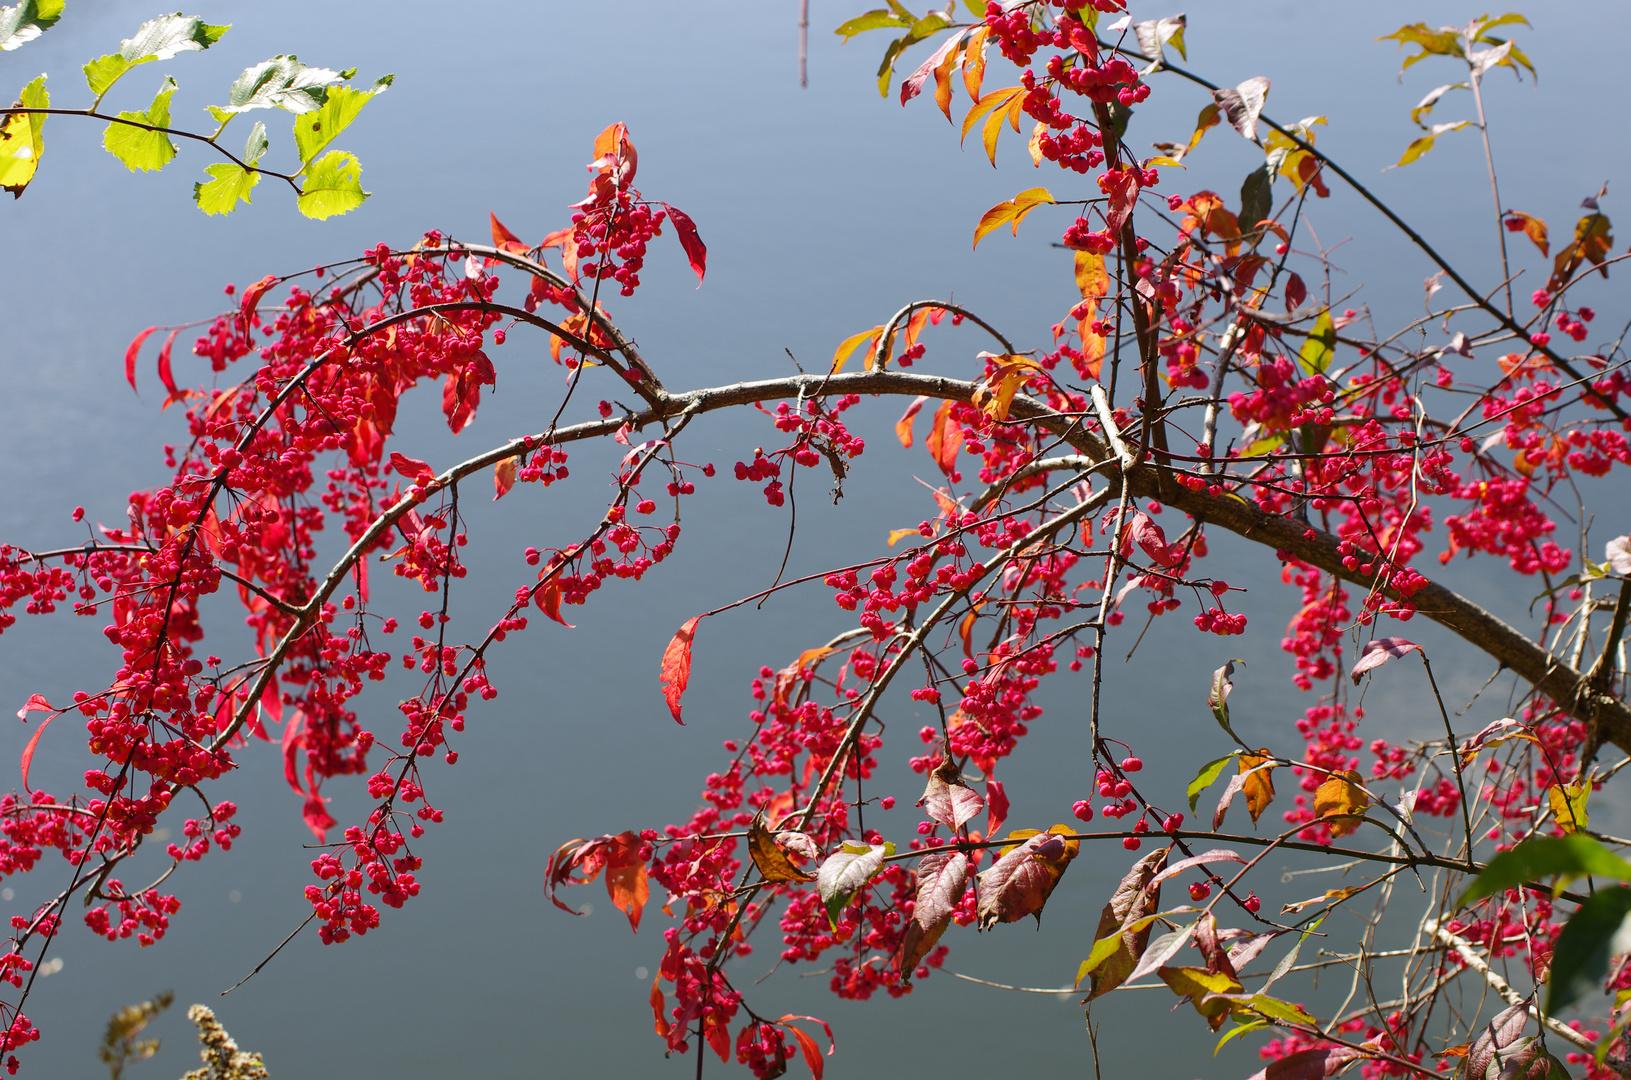 Die tollen Farben des Herbstes